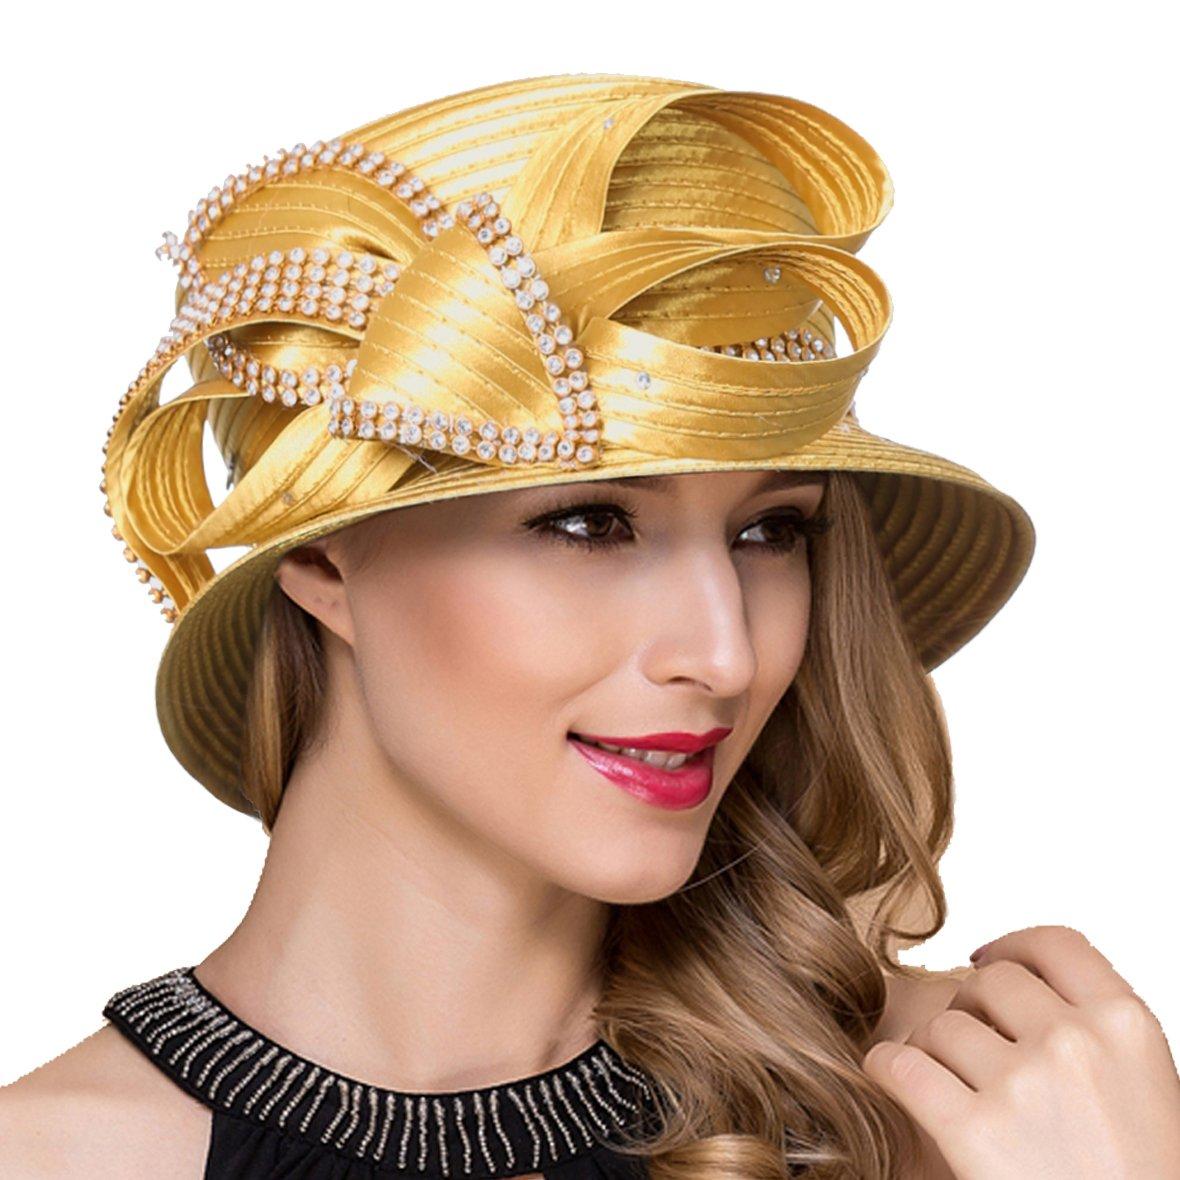 Women Kentucky Derby Church Dress Cloche Hat Fascinator Floral Bucket Hat S052 (SD707-Gold)